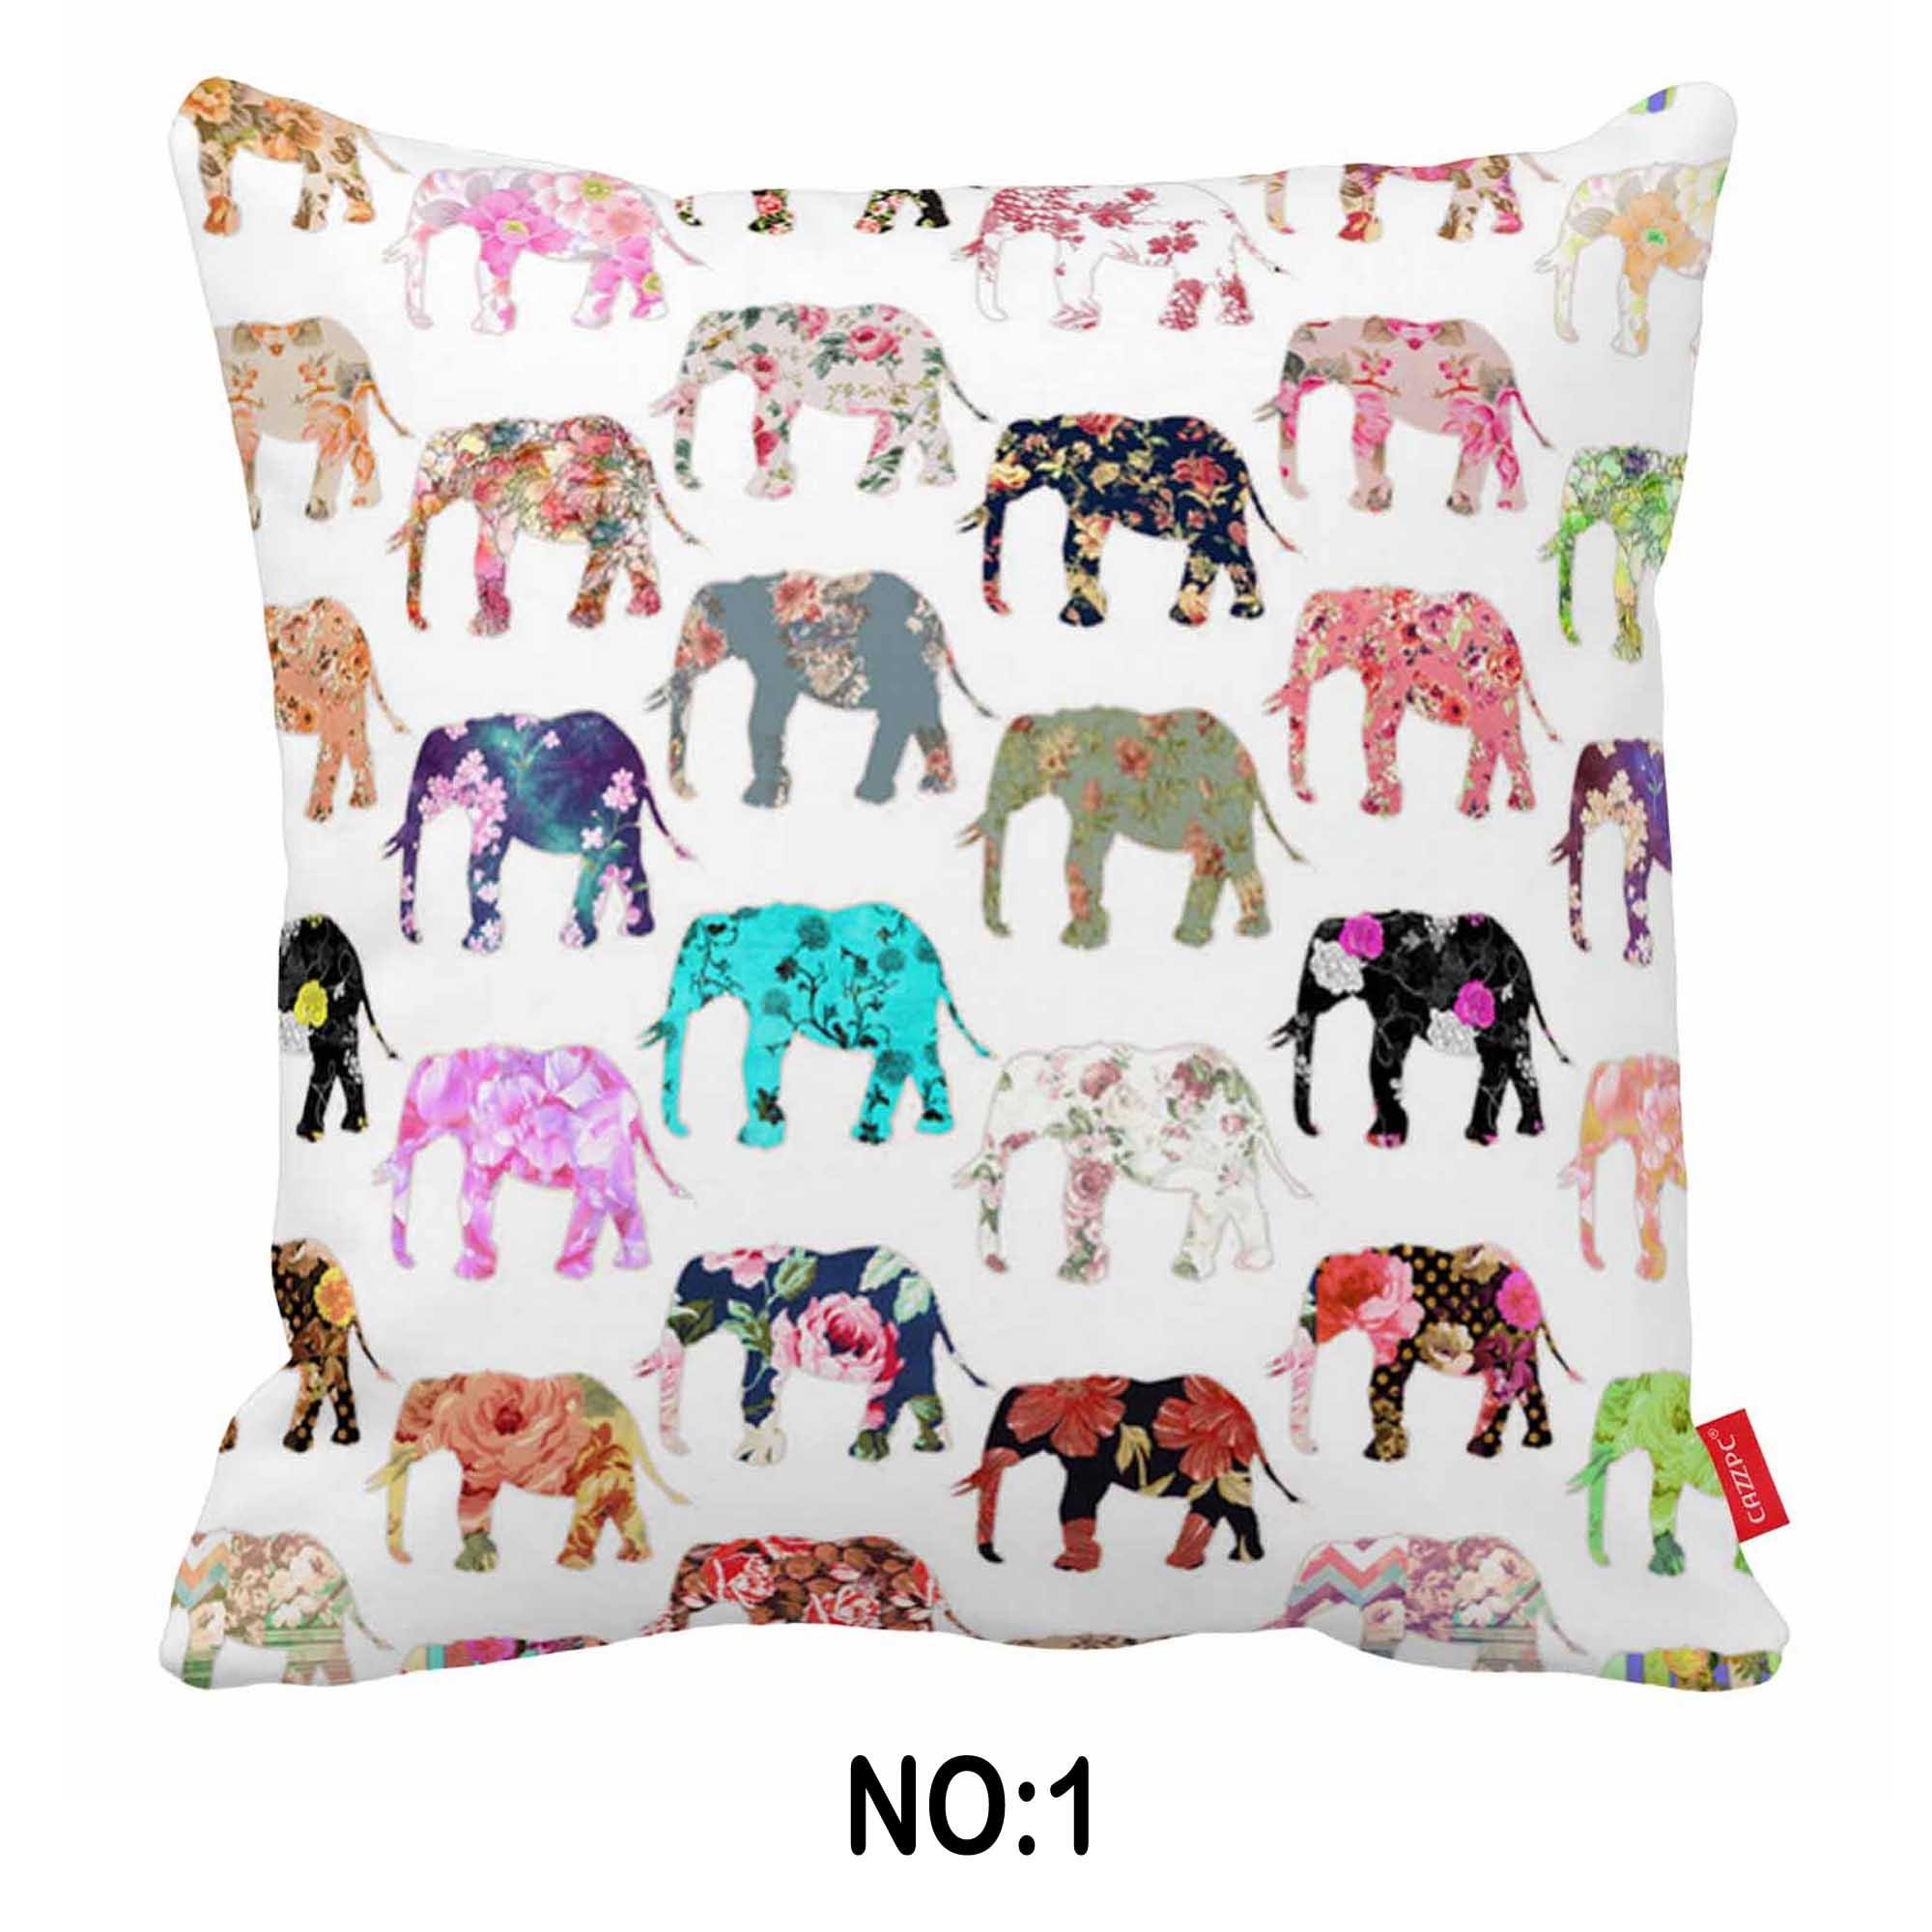 covers product wholesale cases pillow india exim shabana customized bulkshabana